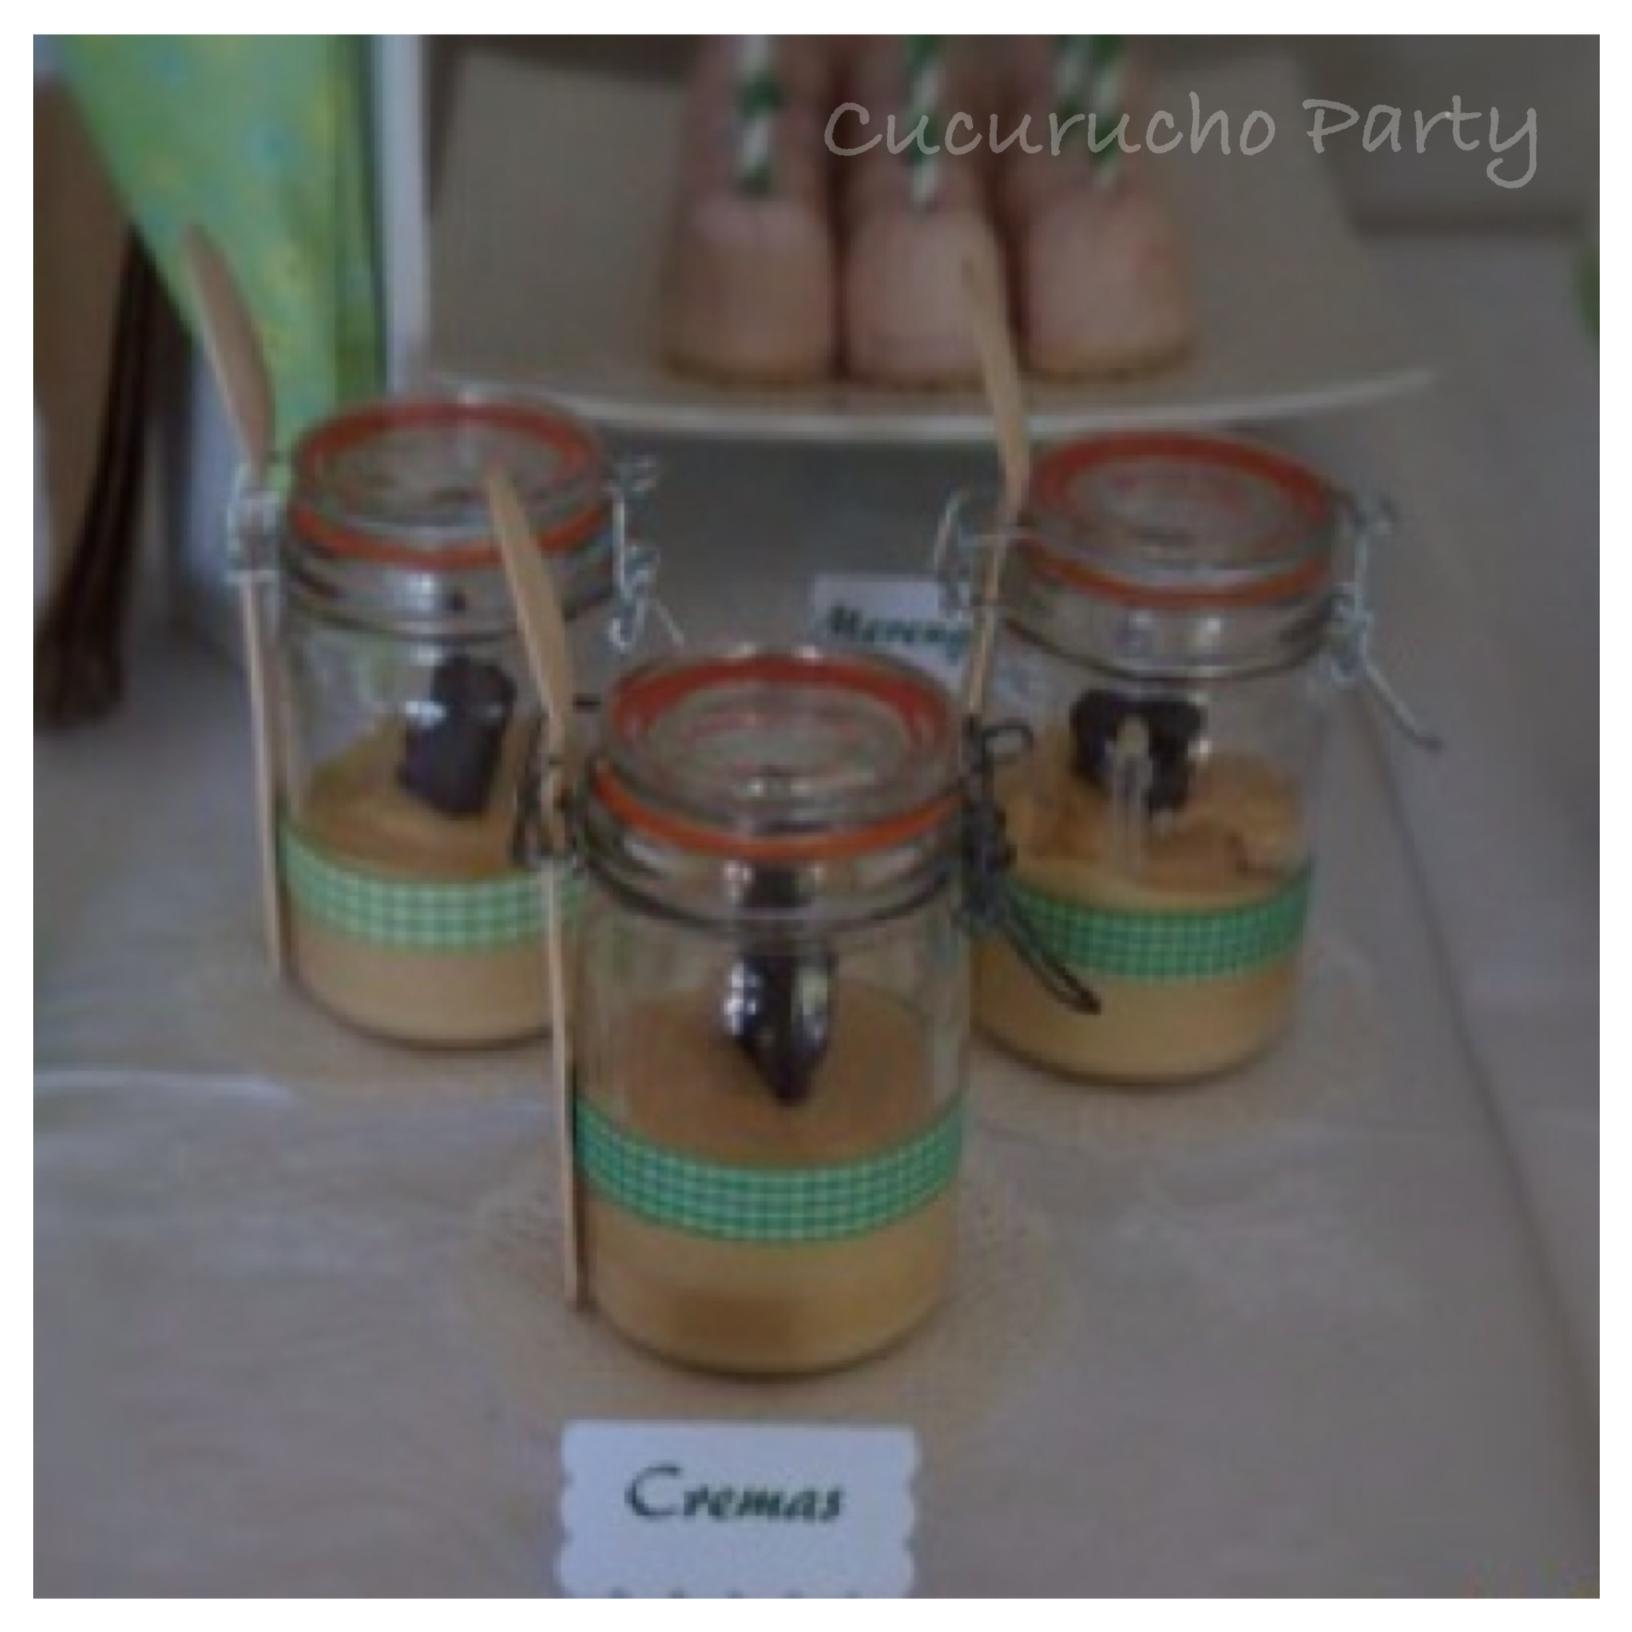 Tarros con cremas y cubiertos de madera